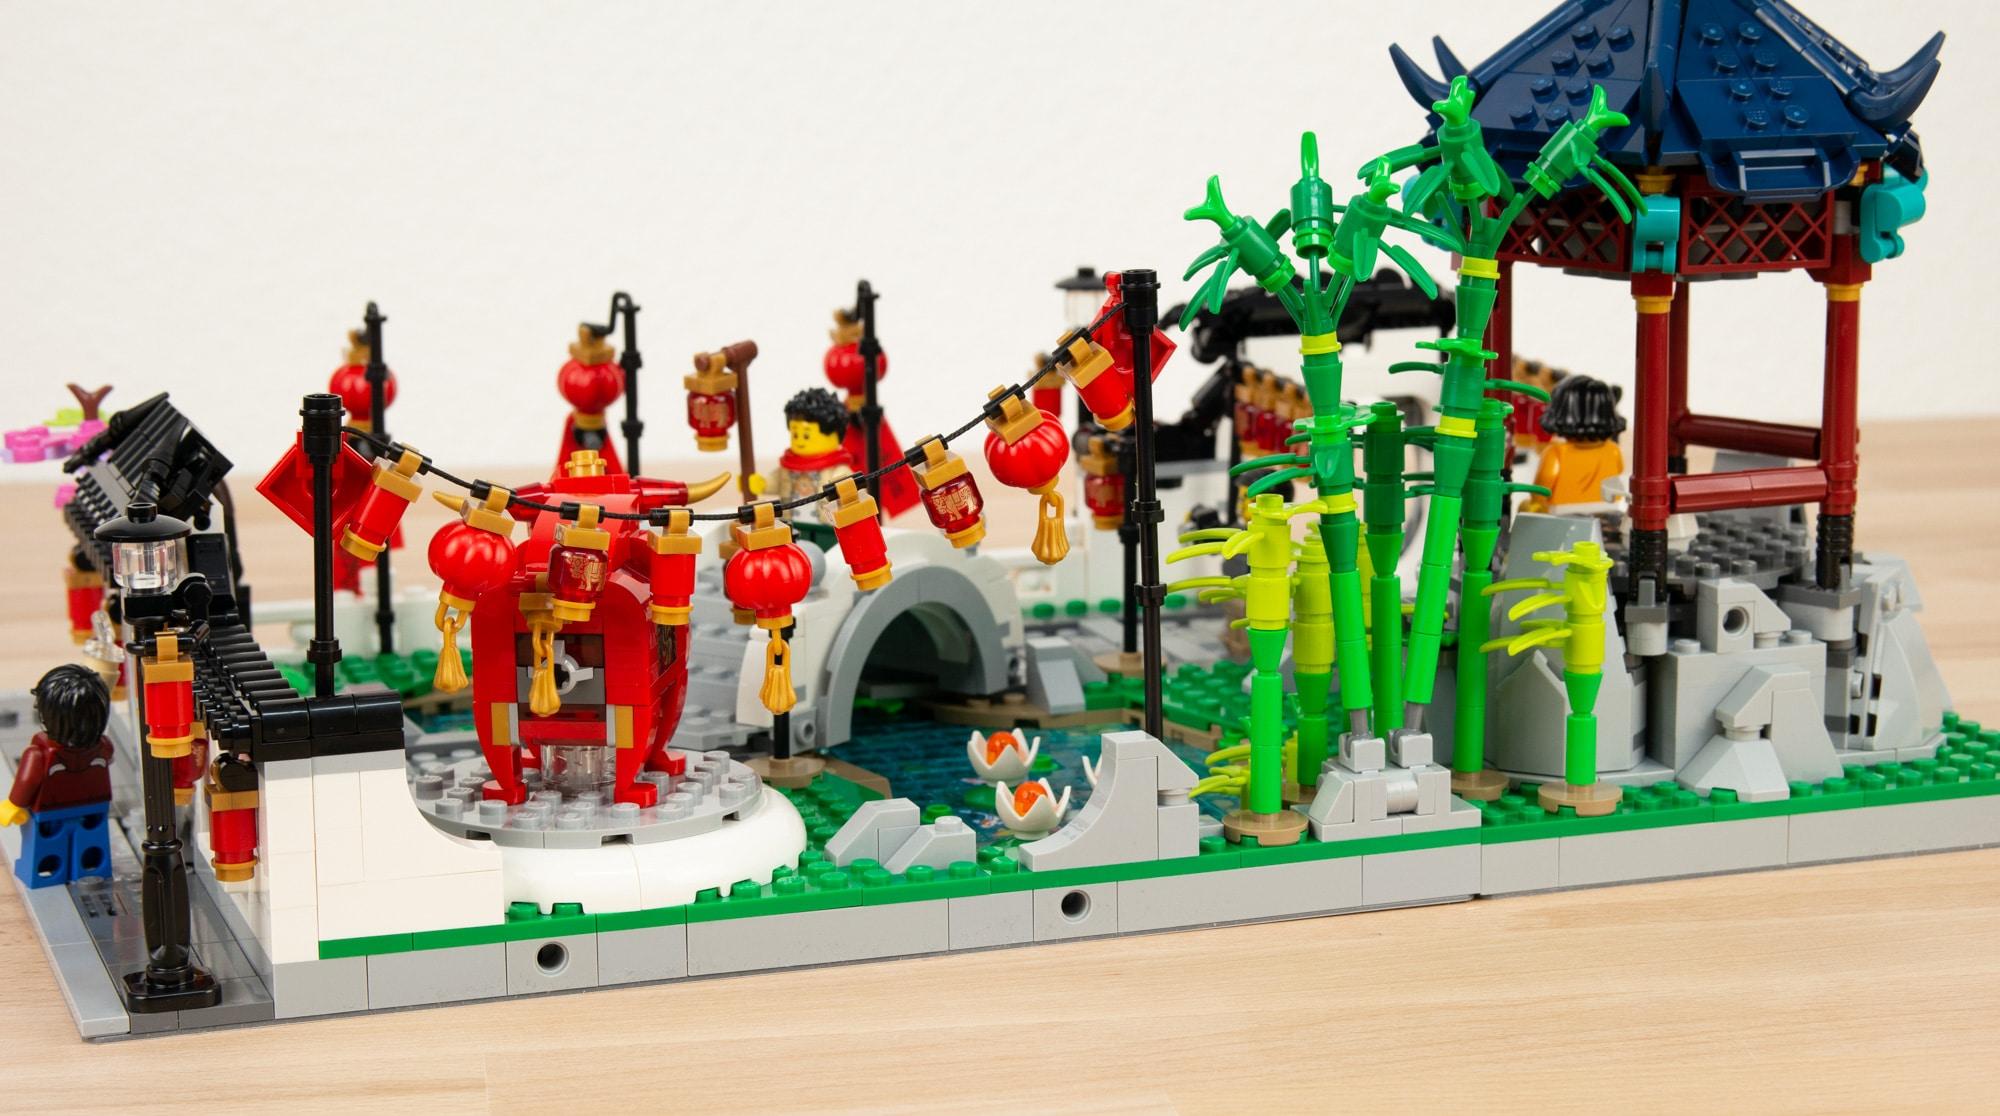 LEGO 80107 Fruehlingslaternenfest Chinesisches Neujahr 78